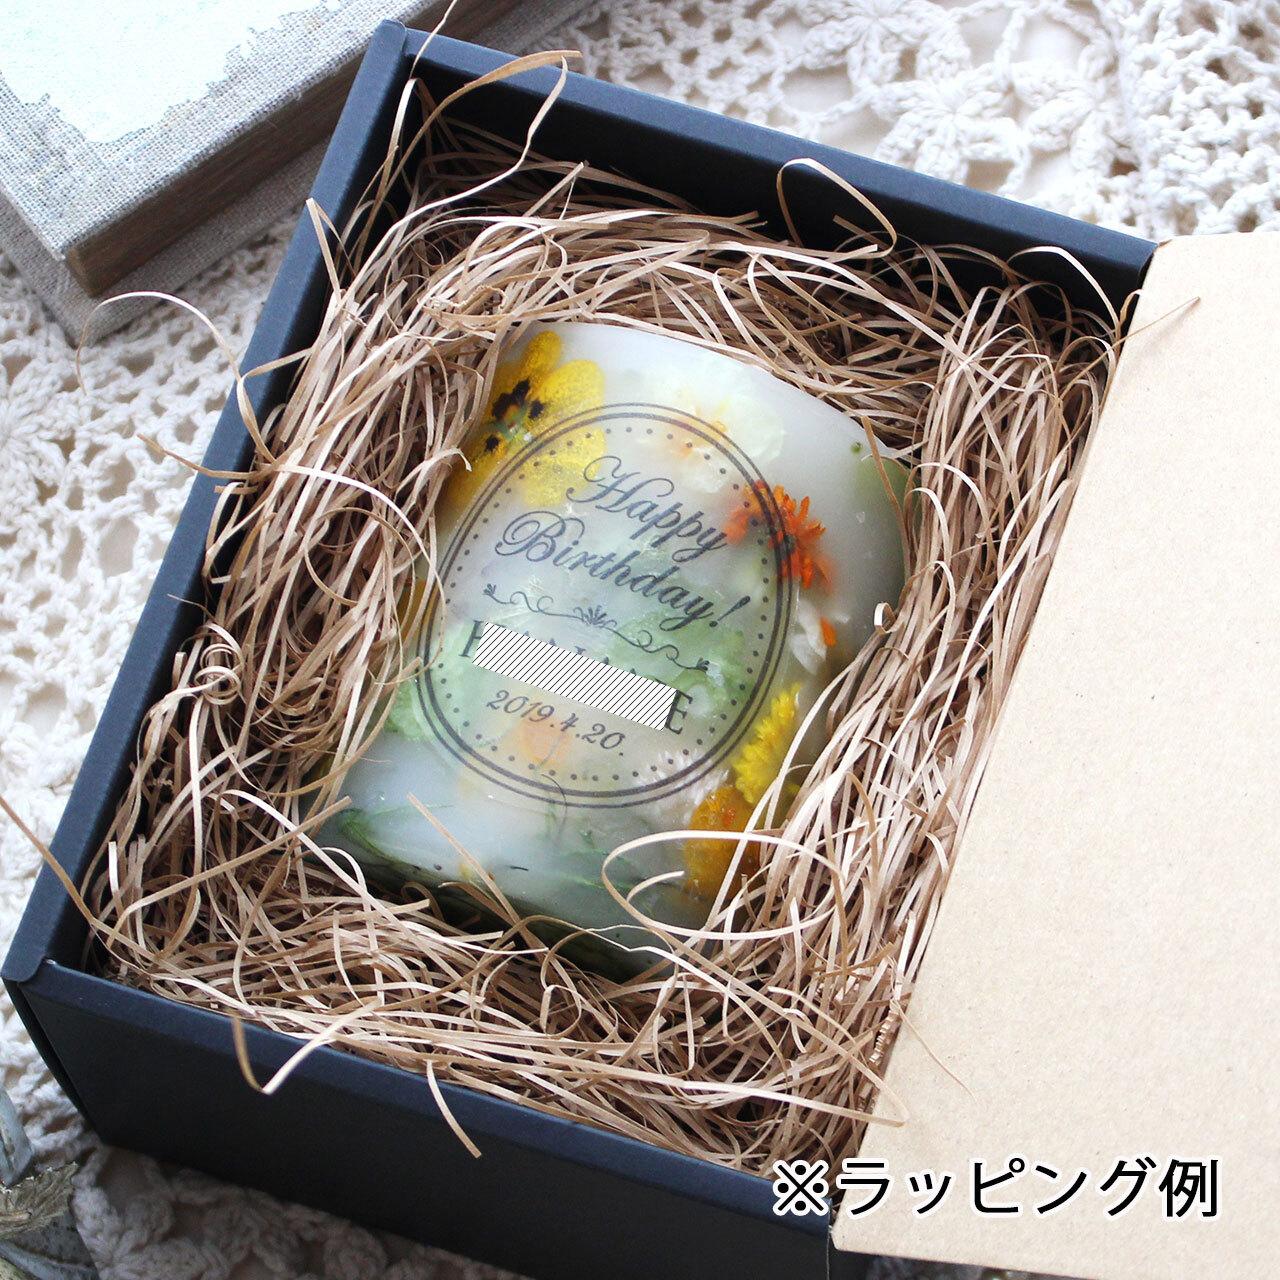 NC243 ギフトラッピング付き☆メッセージ&日付&名入れボタニカルキャンドル プリザーブドローズ